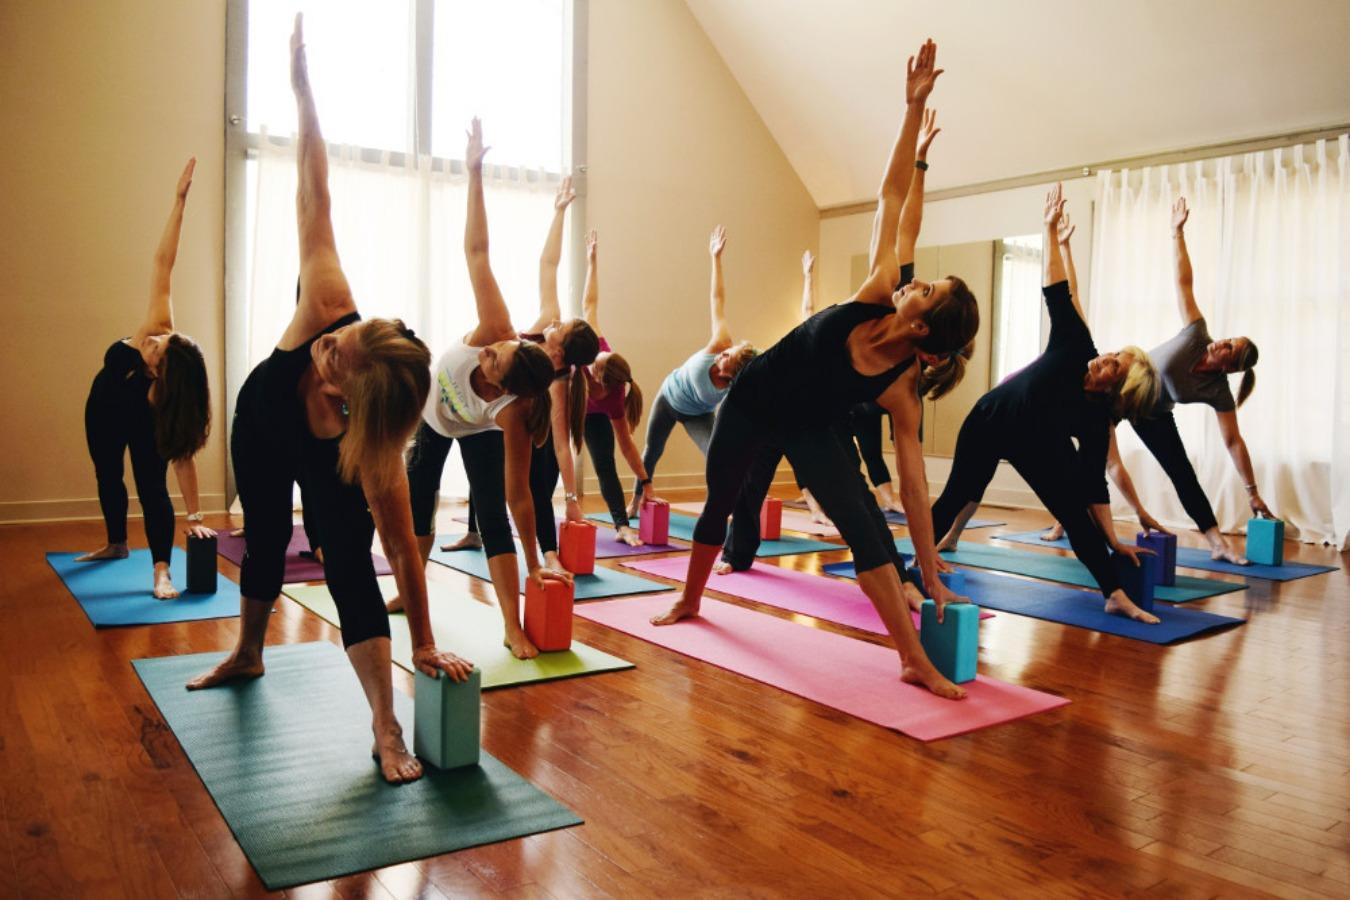 Ashtanga yoga teacher training in india Tickets by DRISHTI YOGA SCHOOL, 1  Nov, 2018, Rishikesh Event